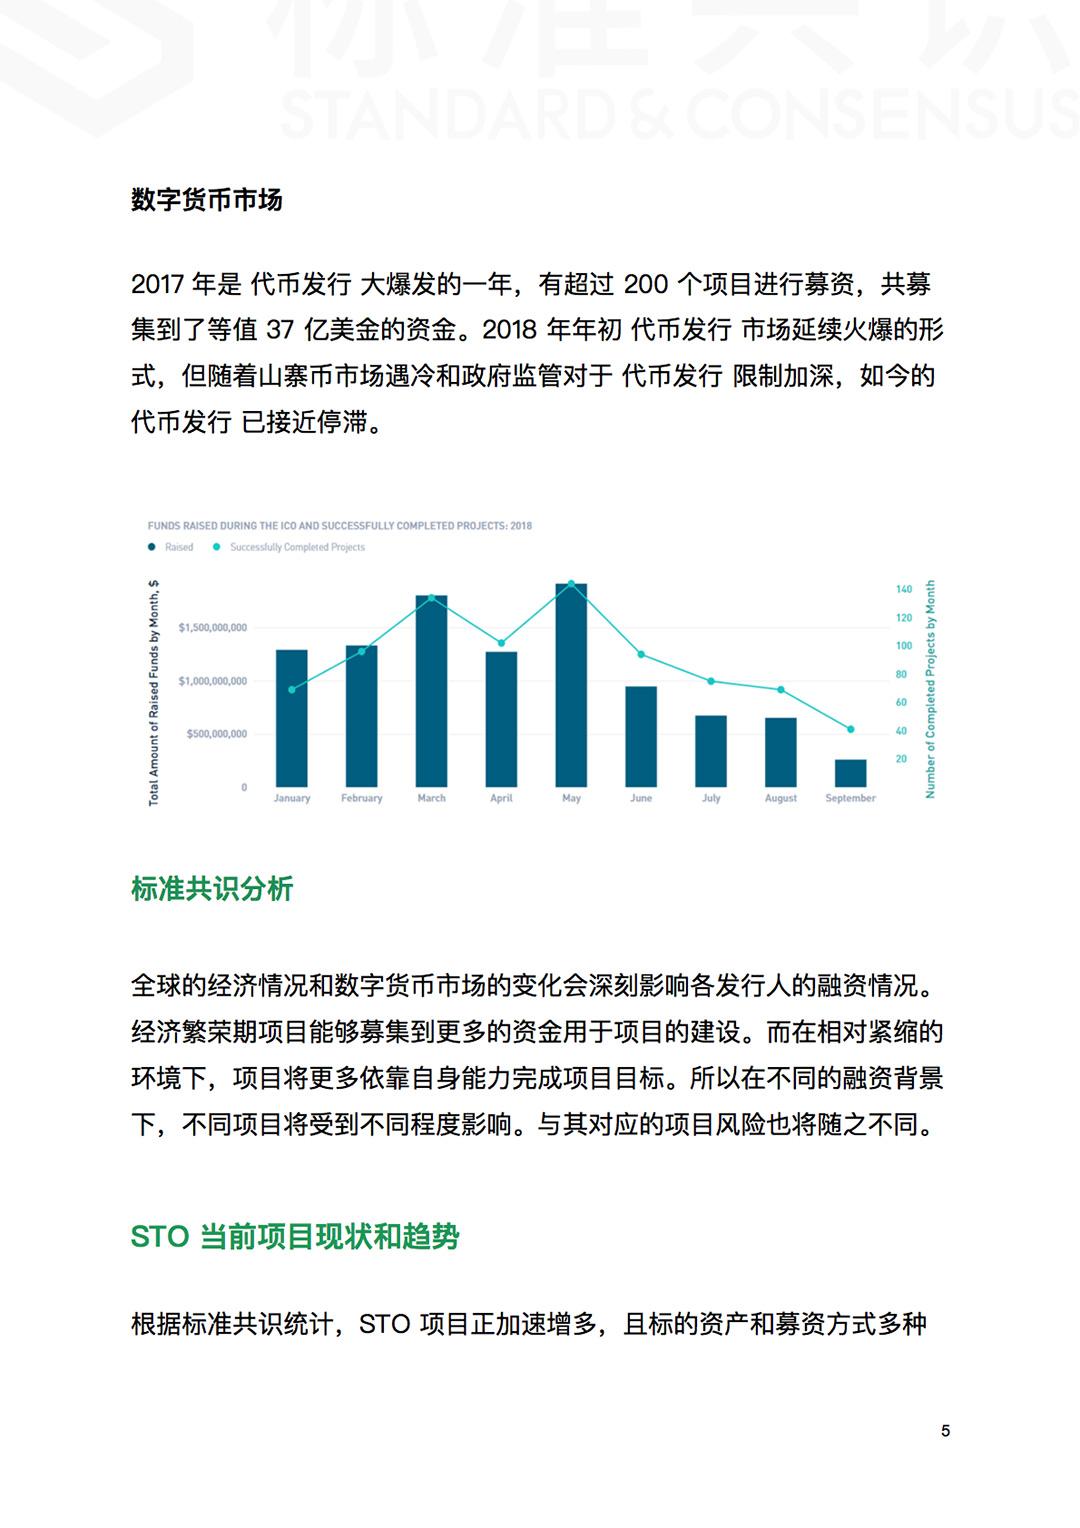 鸟瞰 STO全景——STO 行业分析报告 | 标准共识